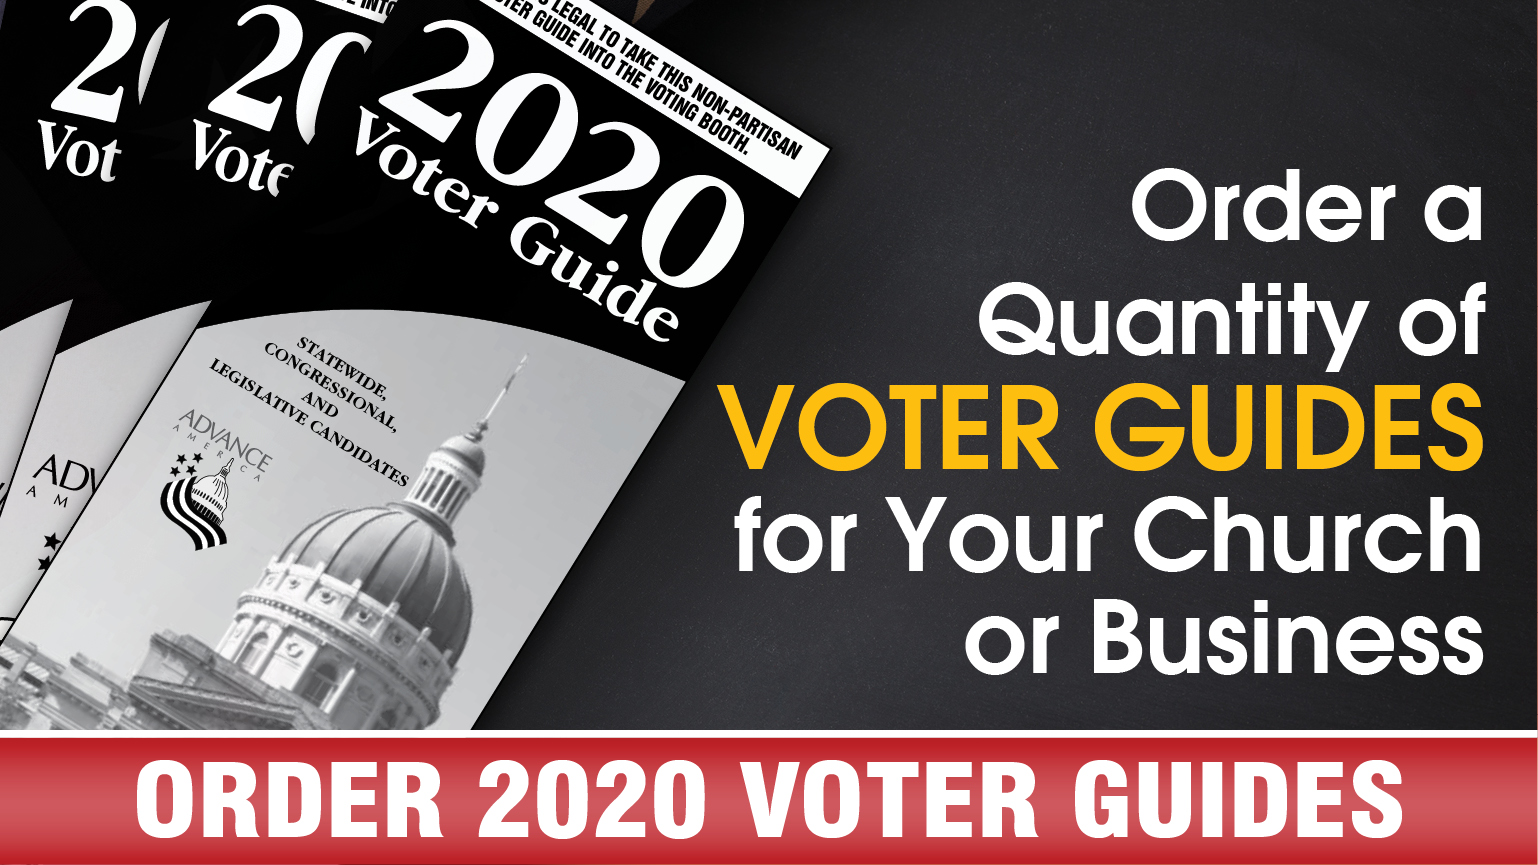 Order 2020 Voter Guides